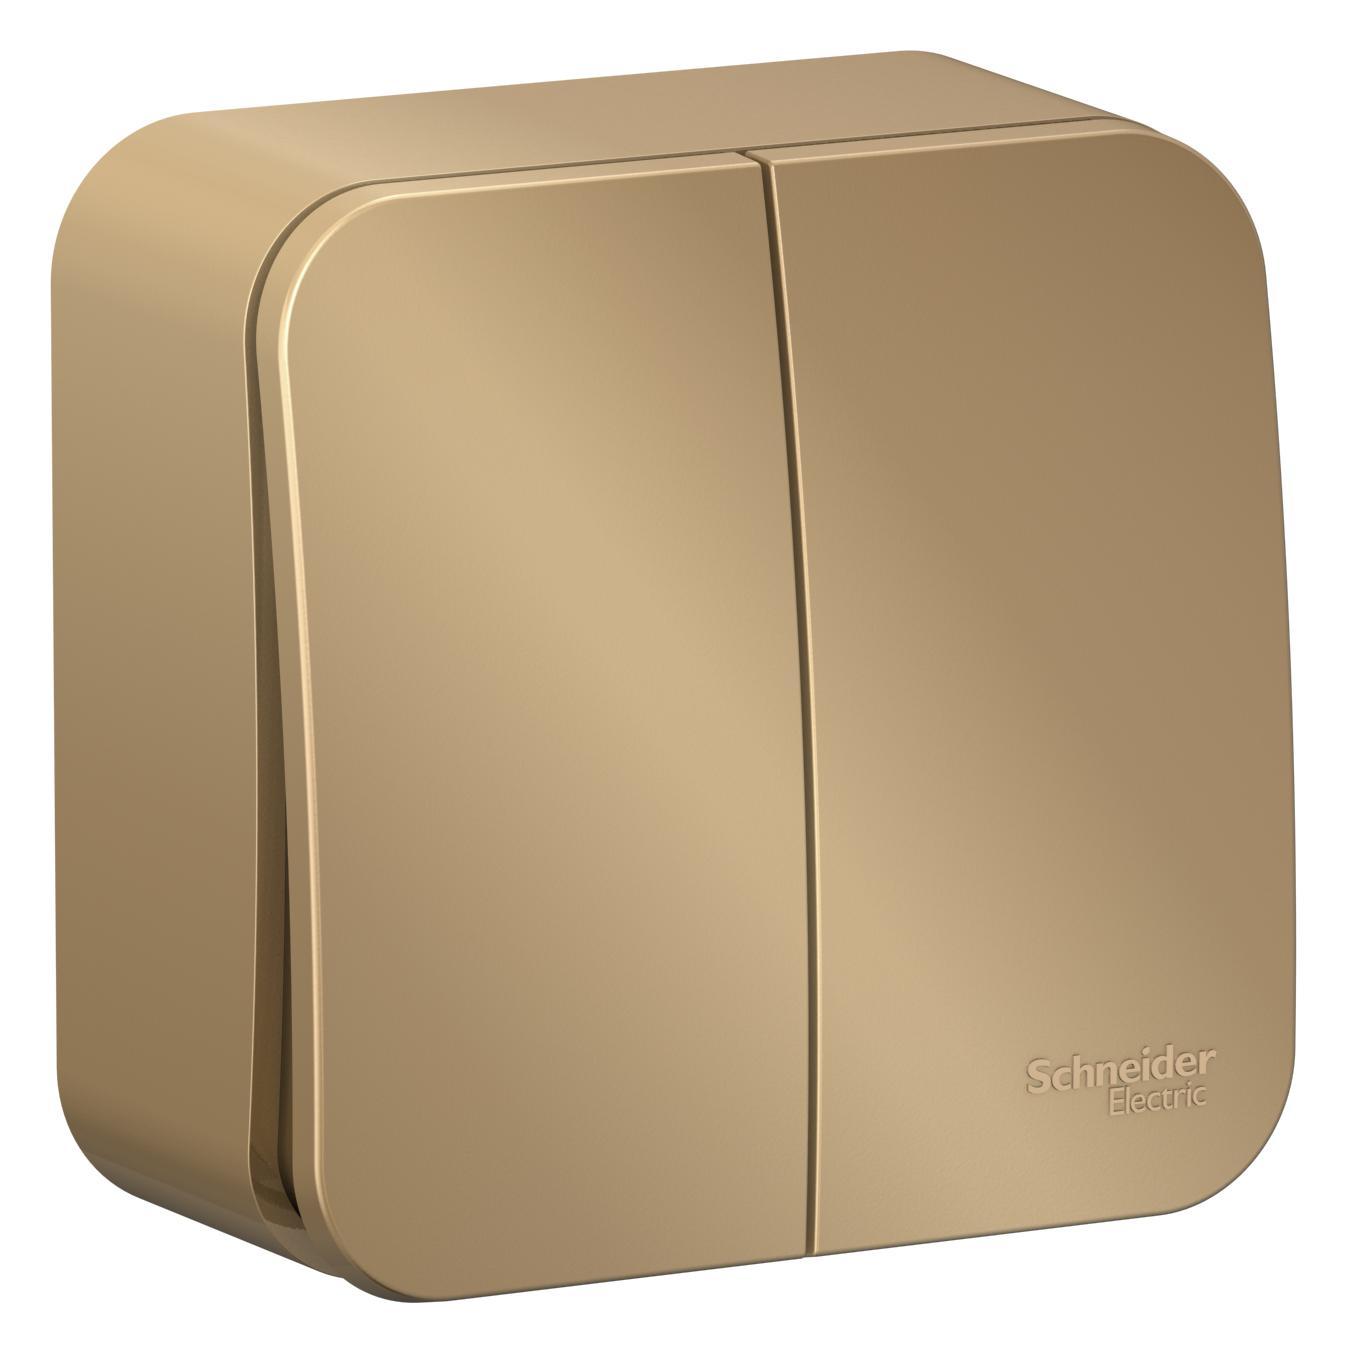 Выключатель Schneider electric Blnva105014 blanca выключатель schneider electric blnva105014 blanca